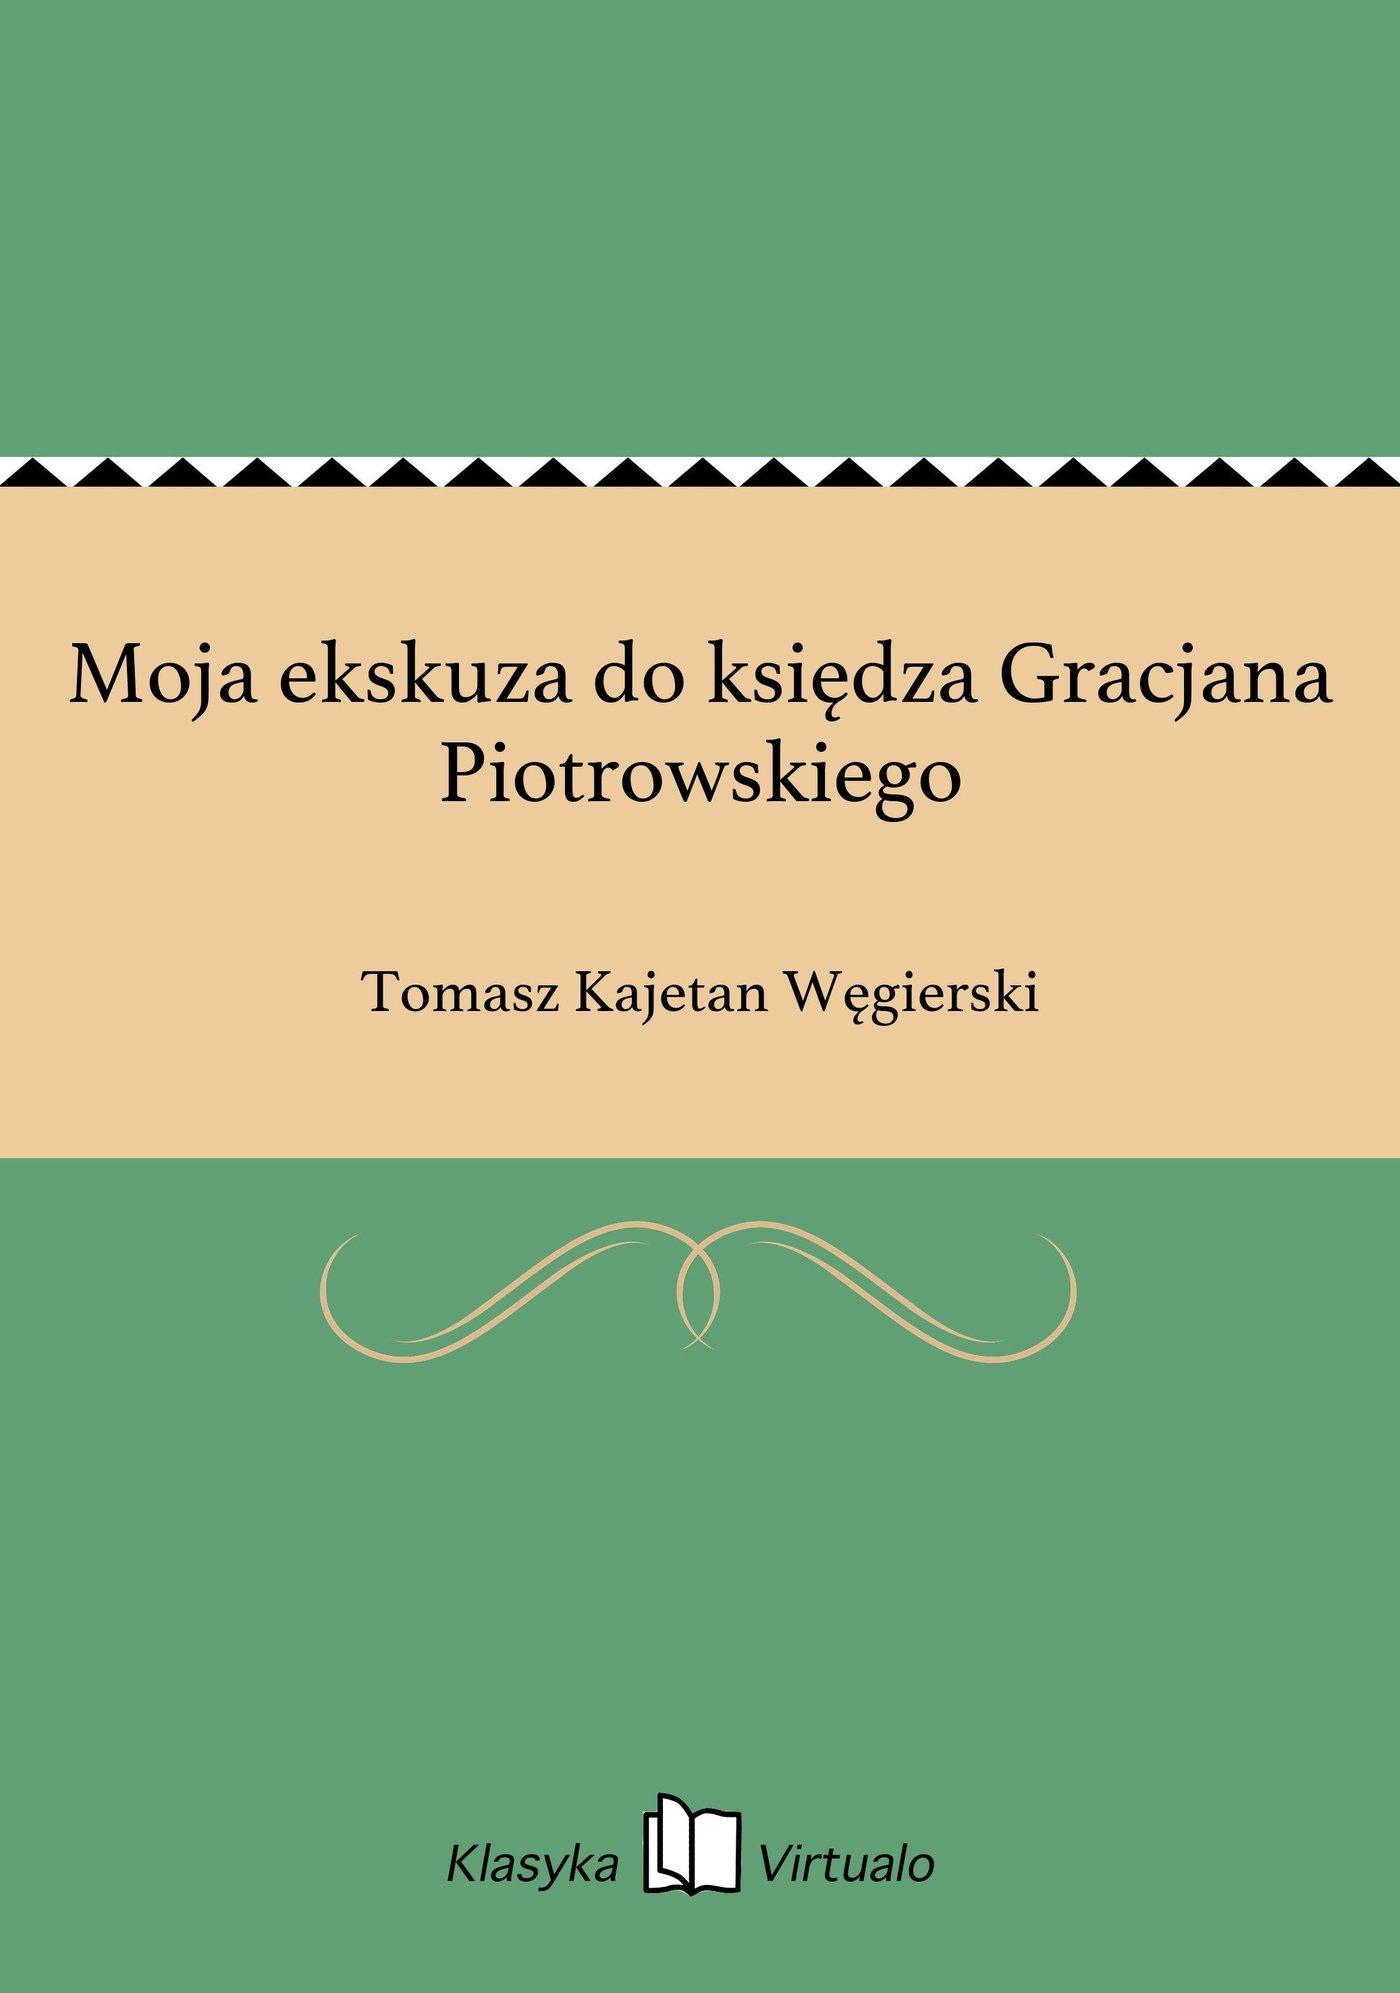 Moja ekskuza do księdza Gracjana Piotrowskiego - Ebook (Książka EPUB) do pobrania w formacie EPUB